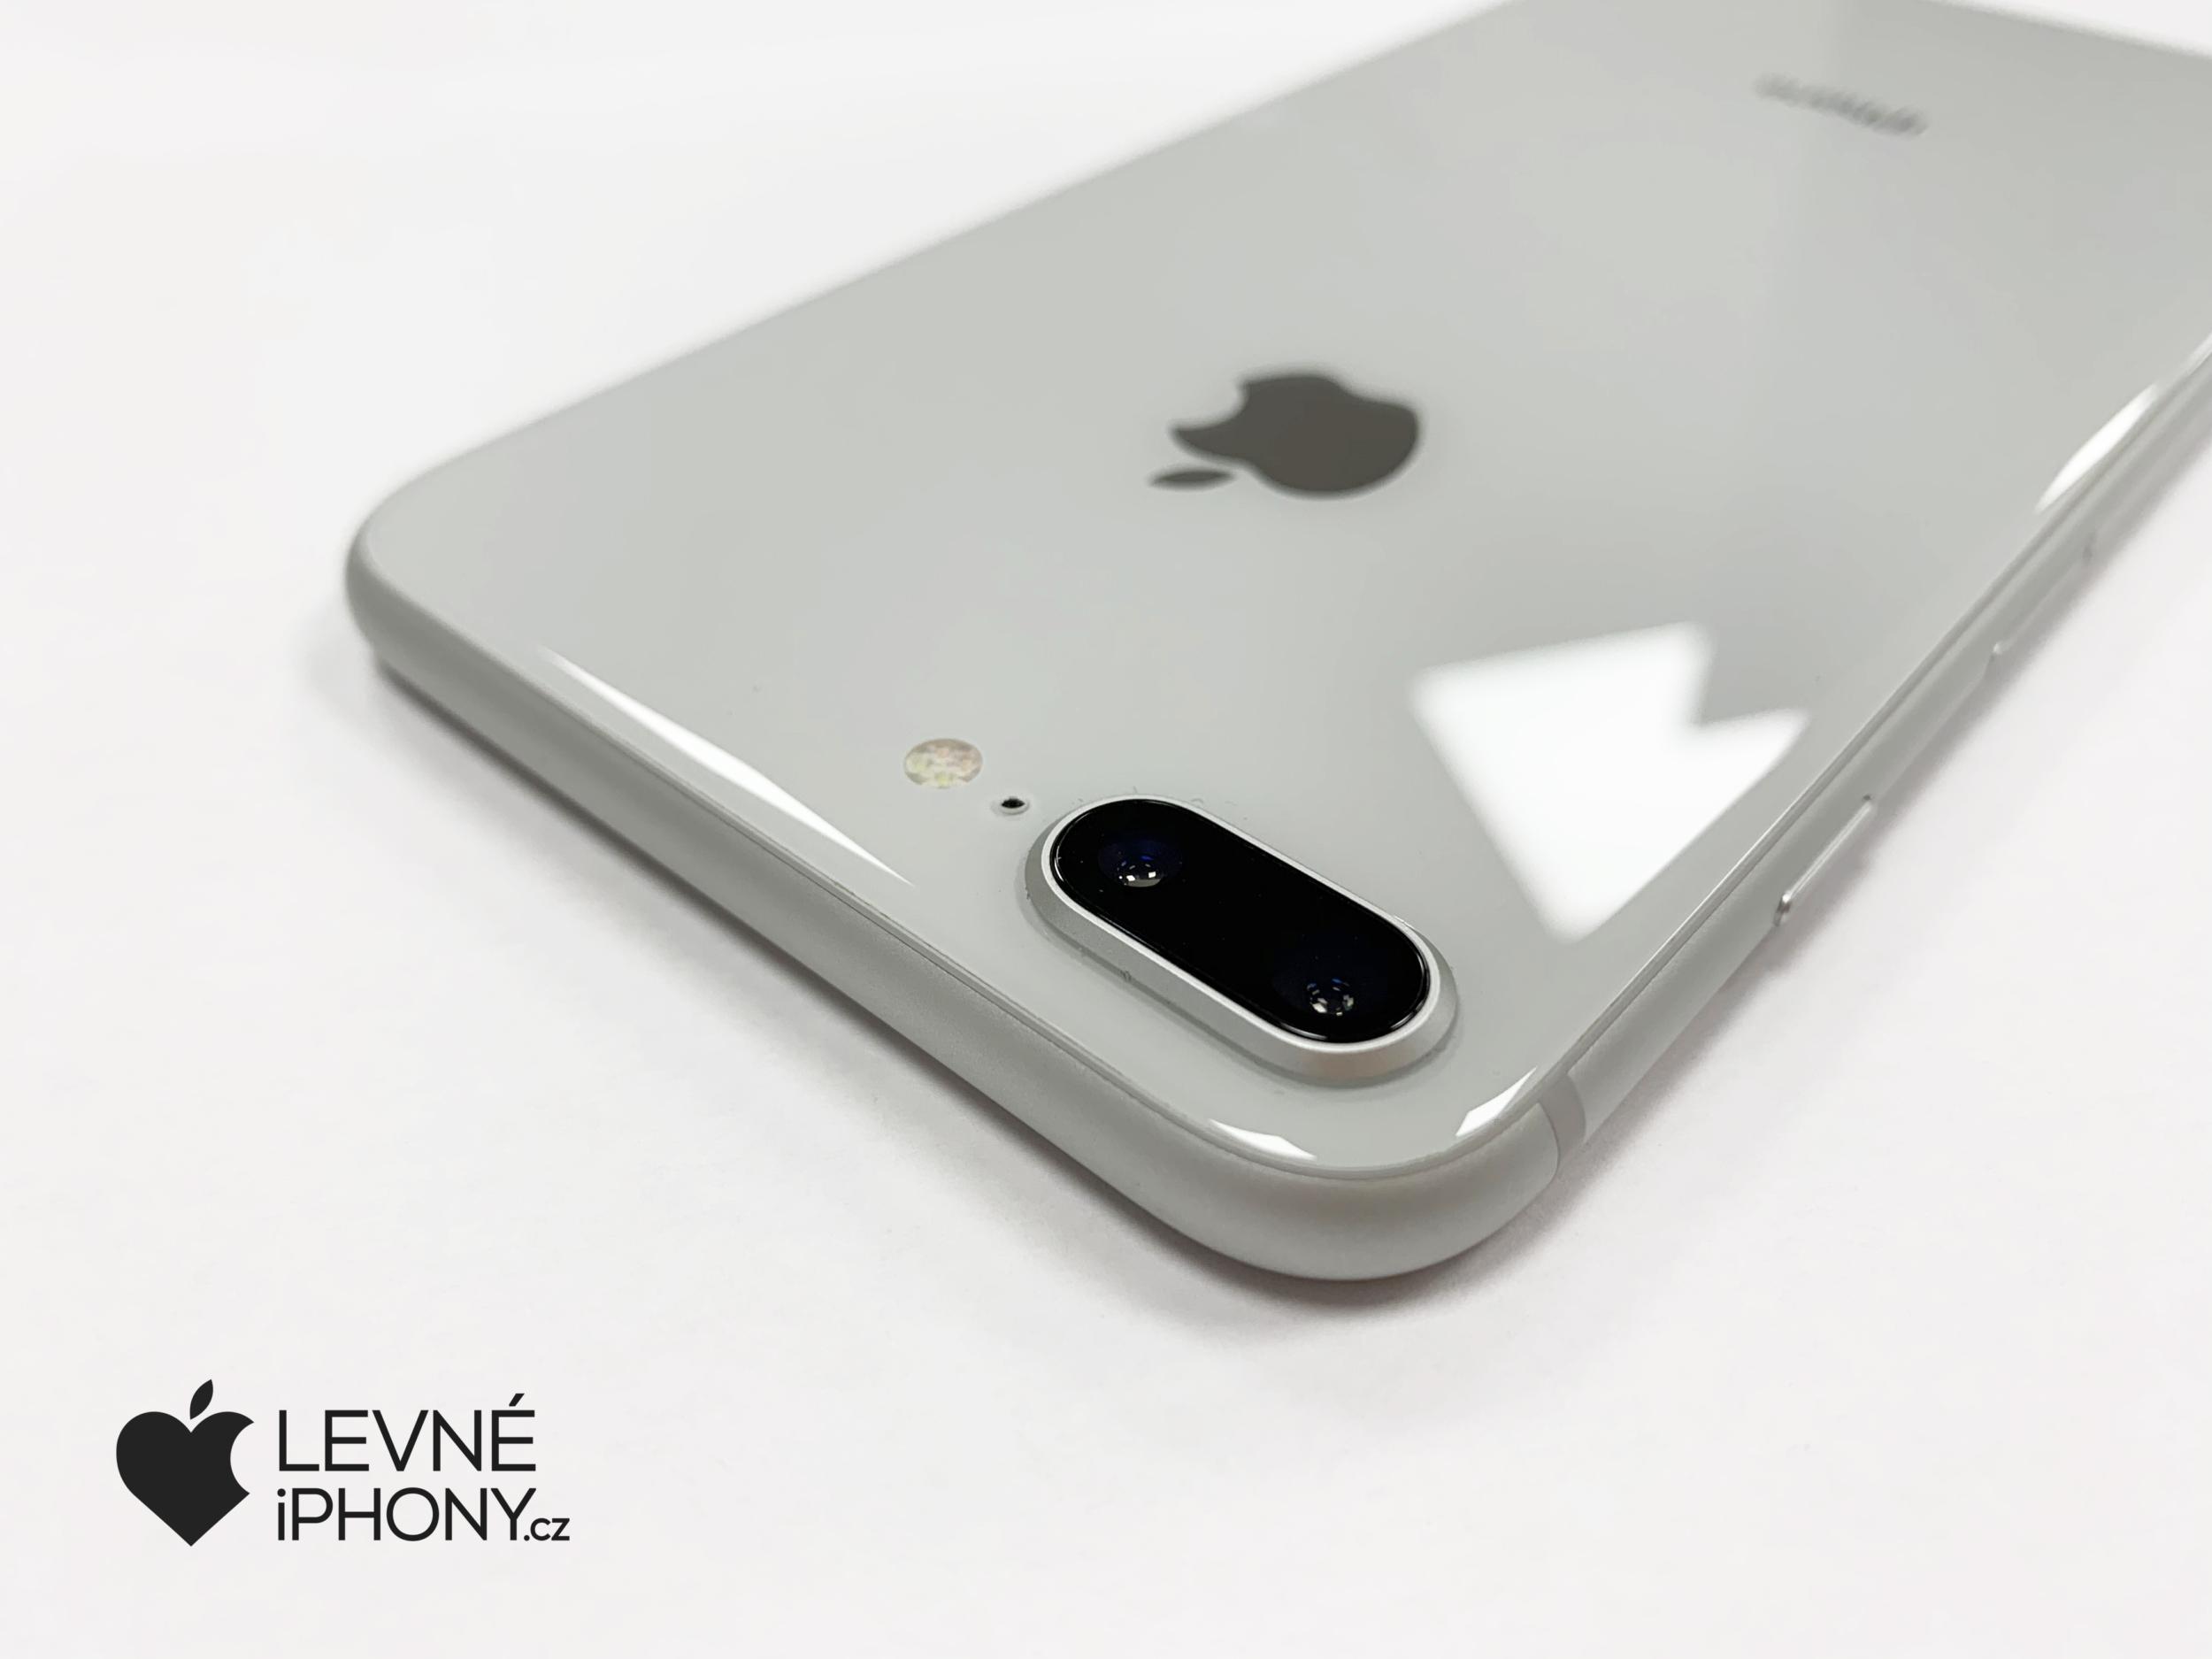 5 důvodů, proč si koupit iPhone [sponzorovaný článek]